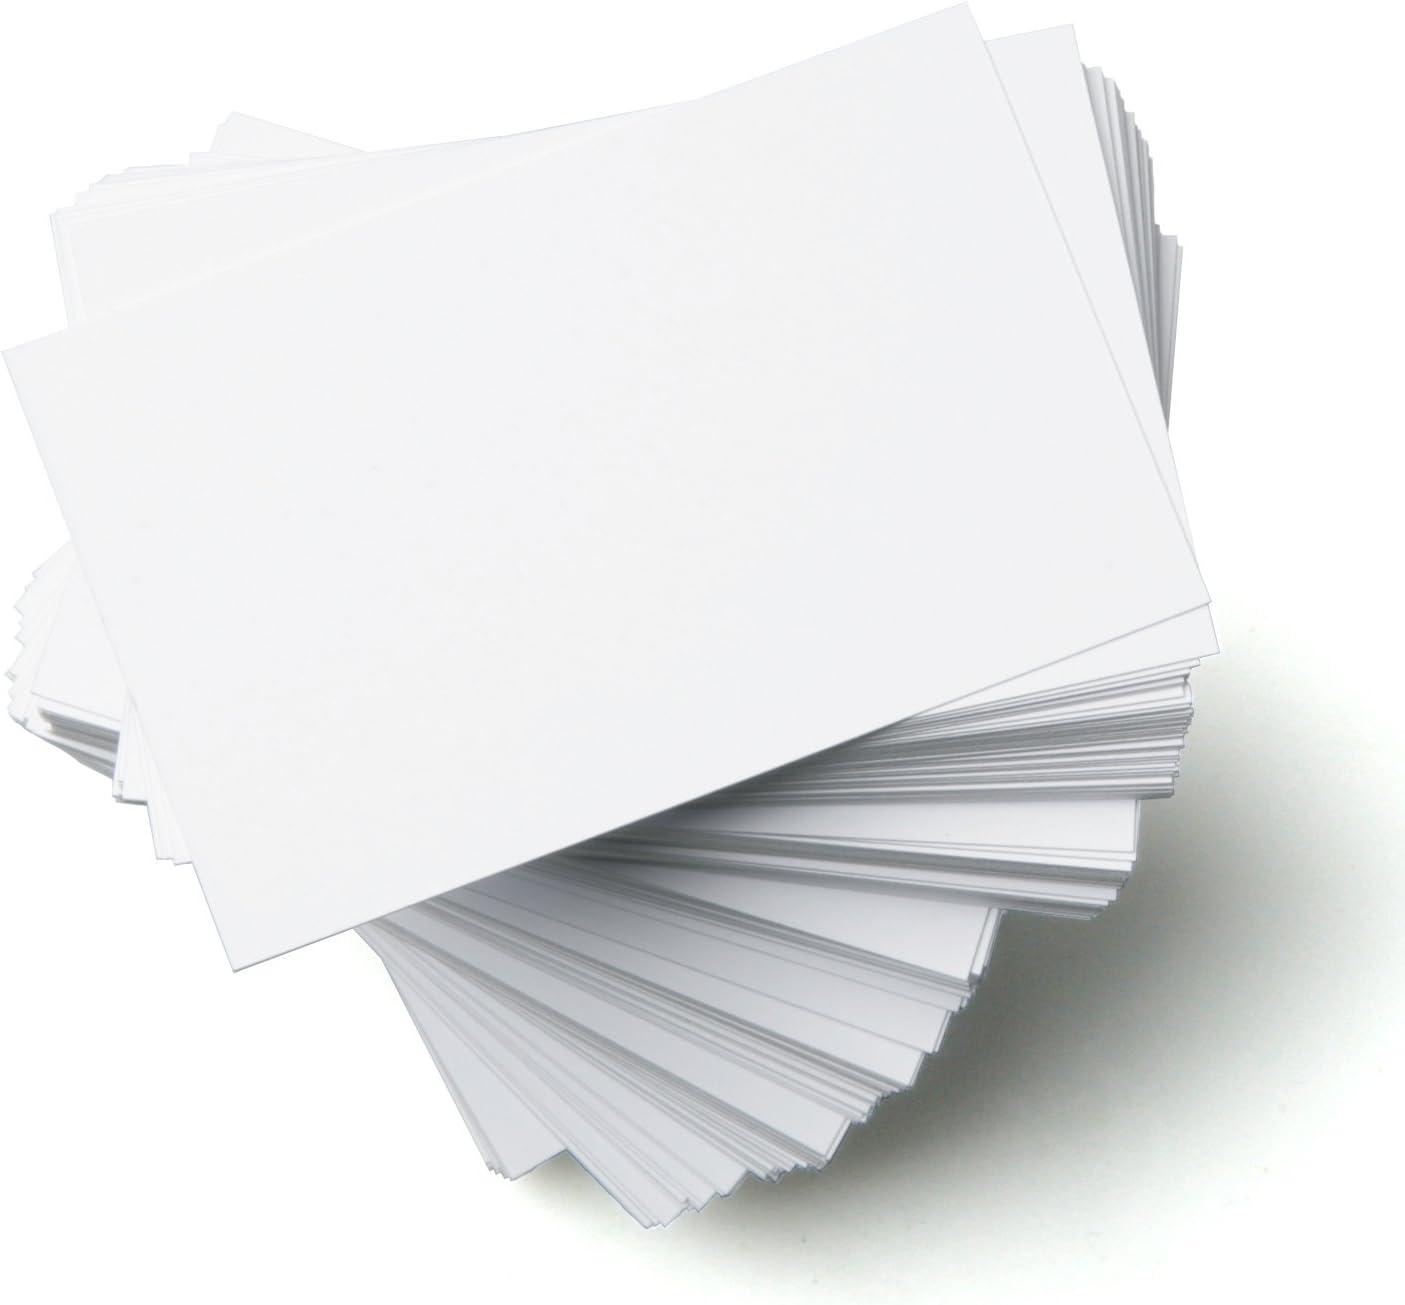 100 x A5 250GSM INKJET PRINTABLE WHITE CARD BLANKS ENVELOPES